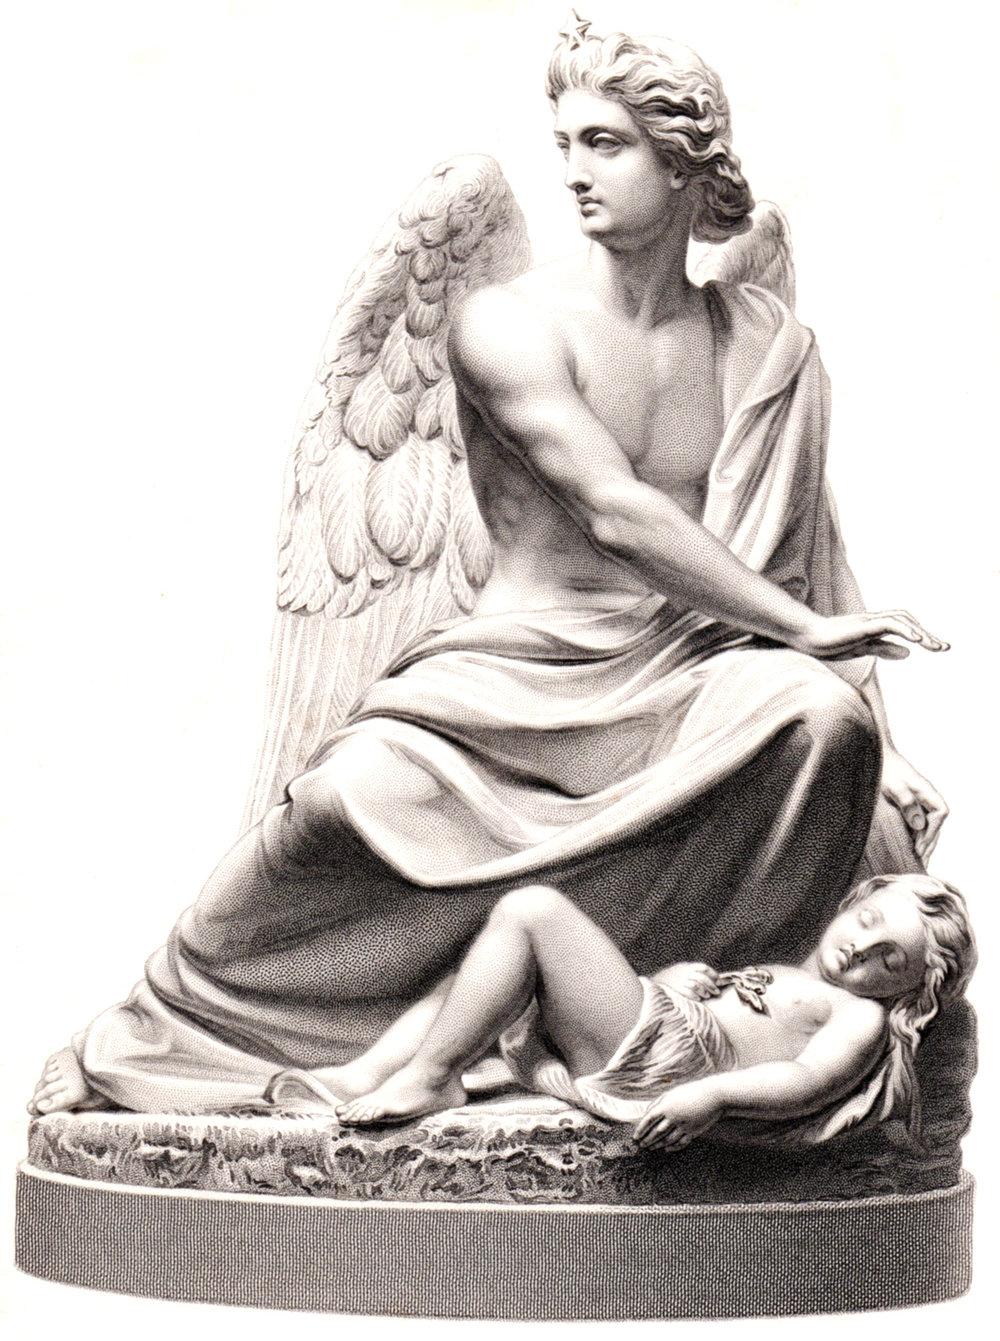 Statues (circa 1850s)